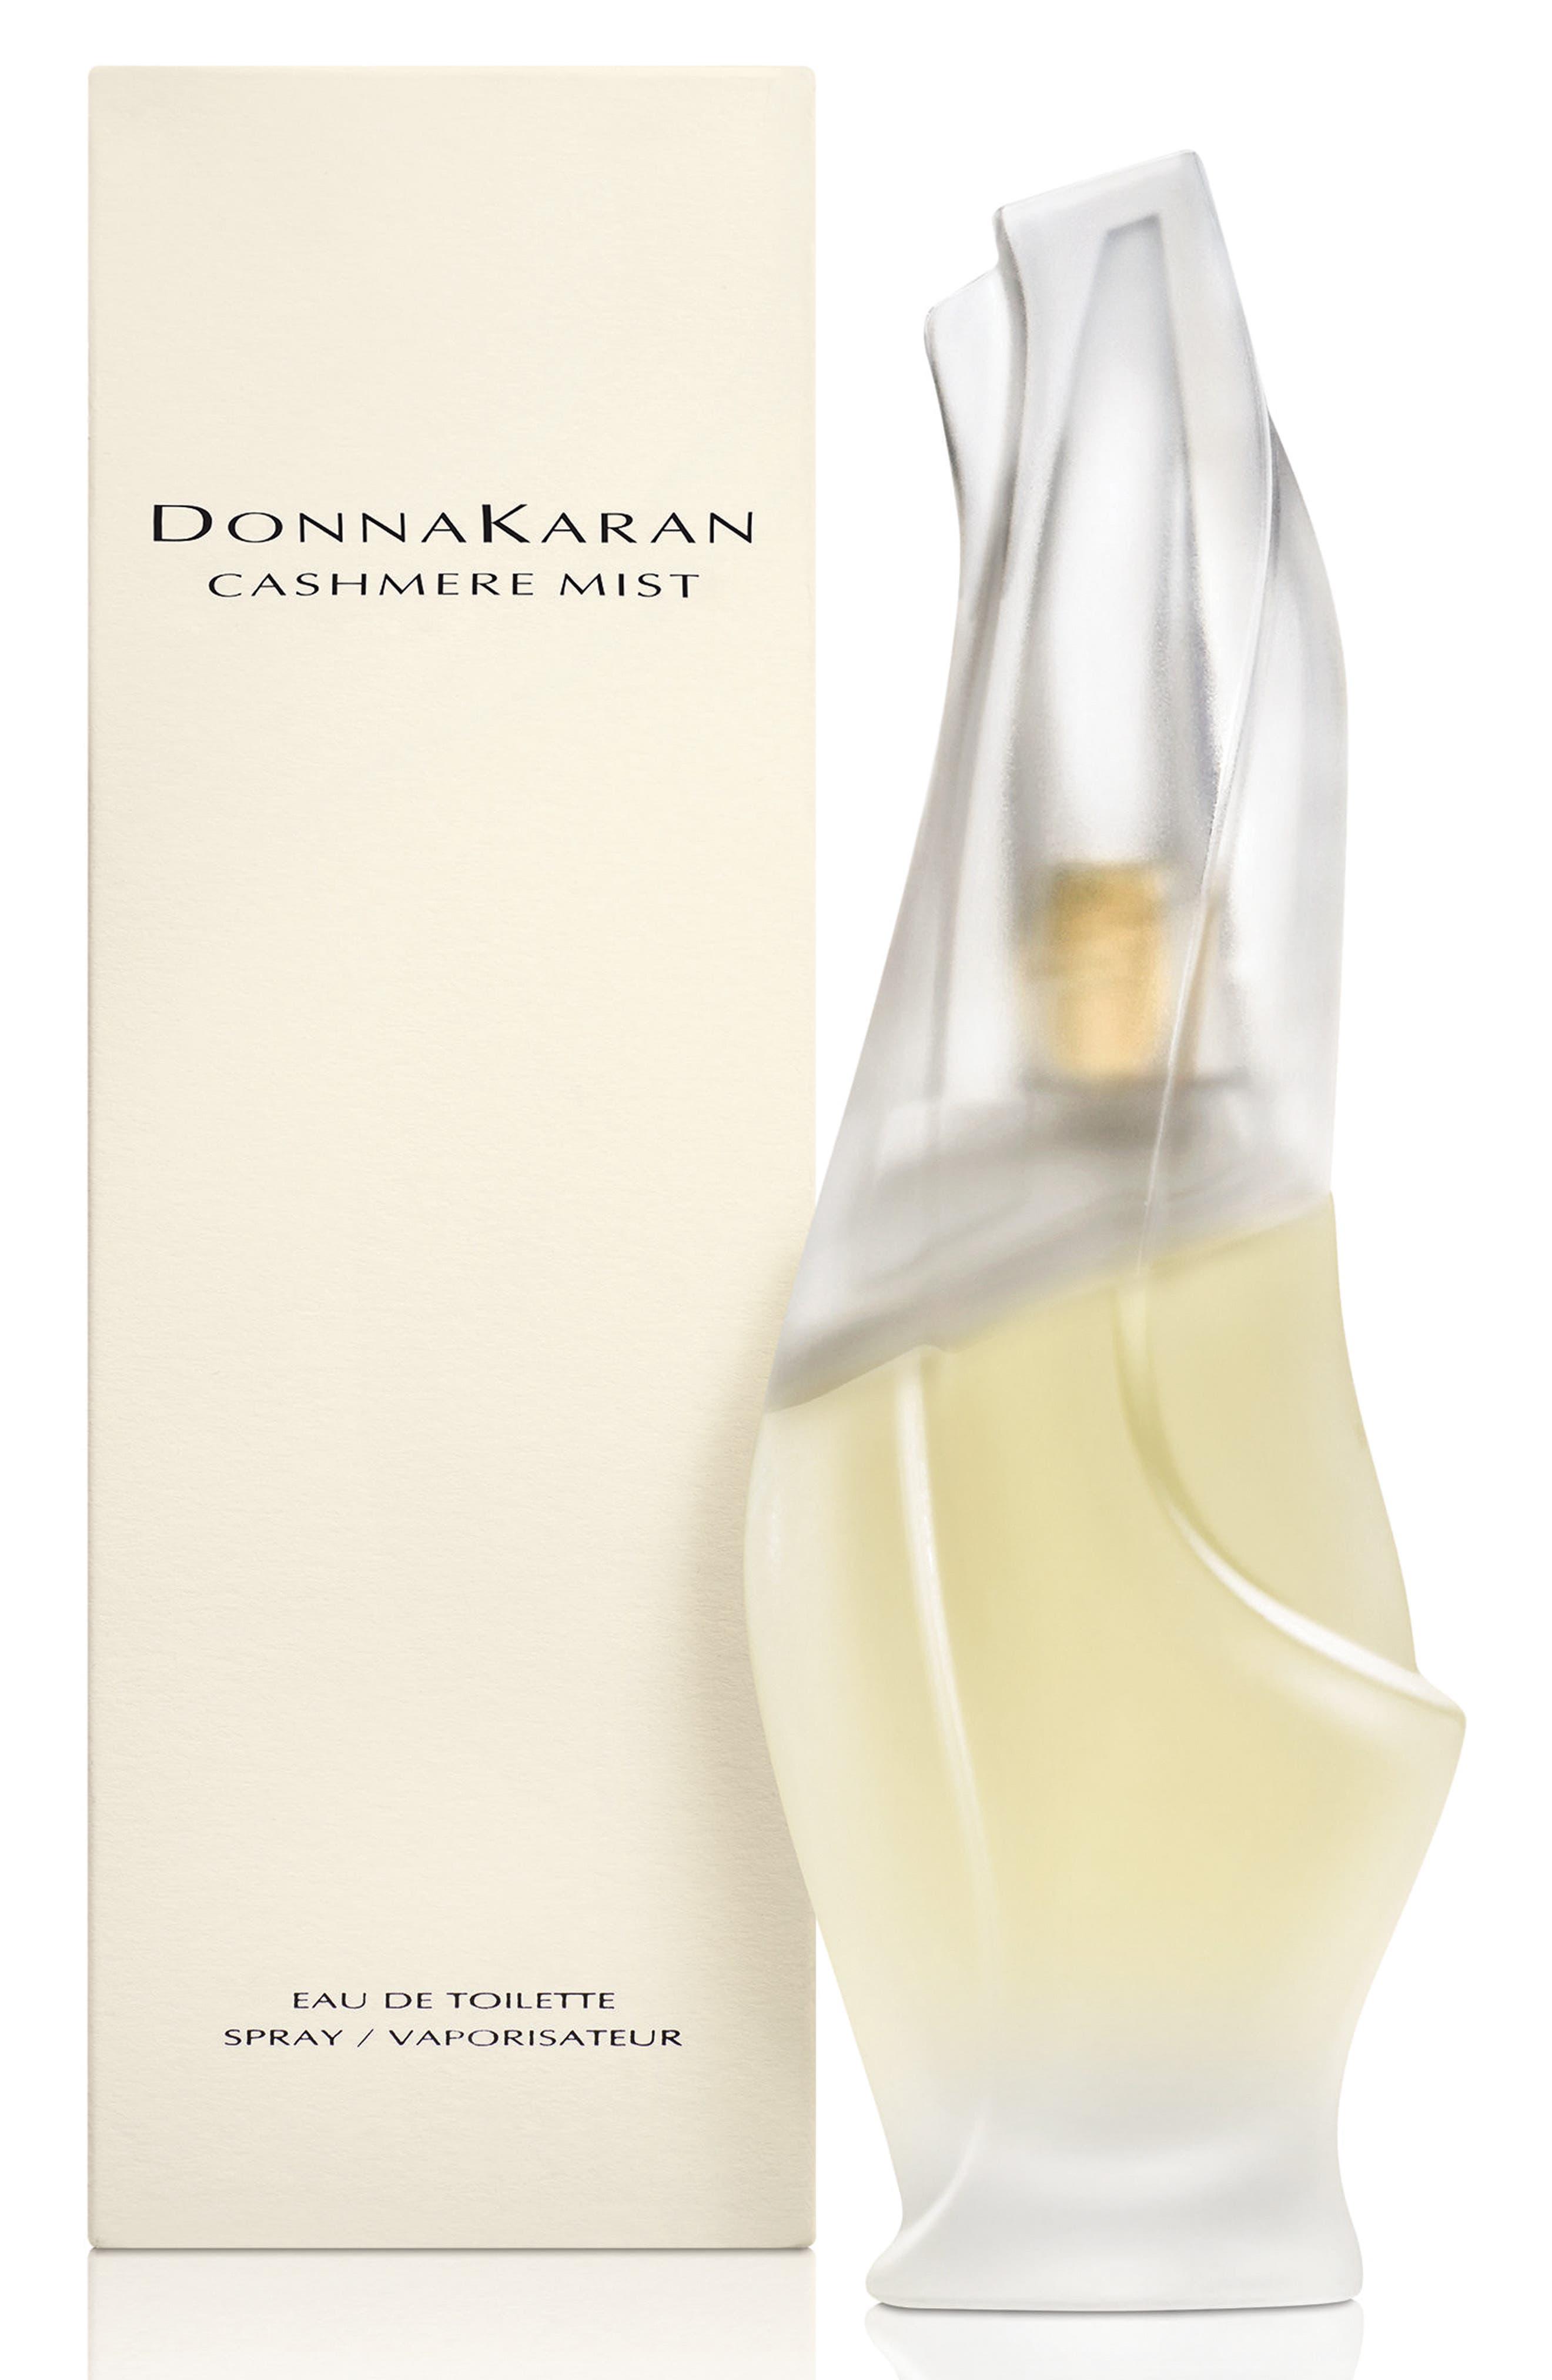 DONNA KARAN NEW YORK, Donna Karan 'Cashmere Mist' Eau de Toilette Spray, Alternate thumbnail 2, color, NO COLOR